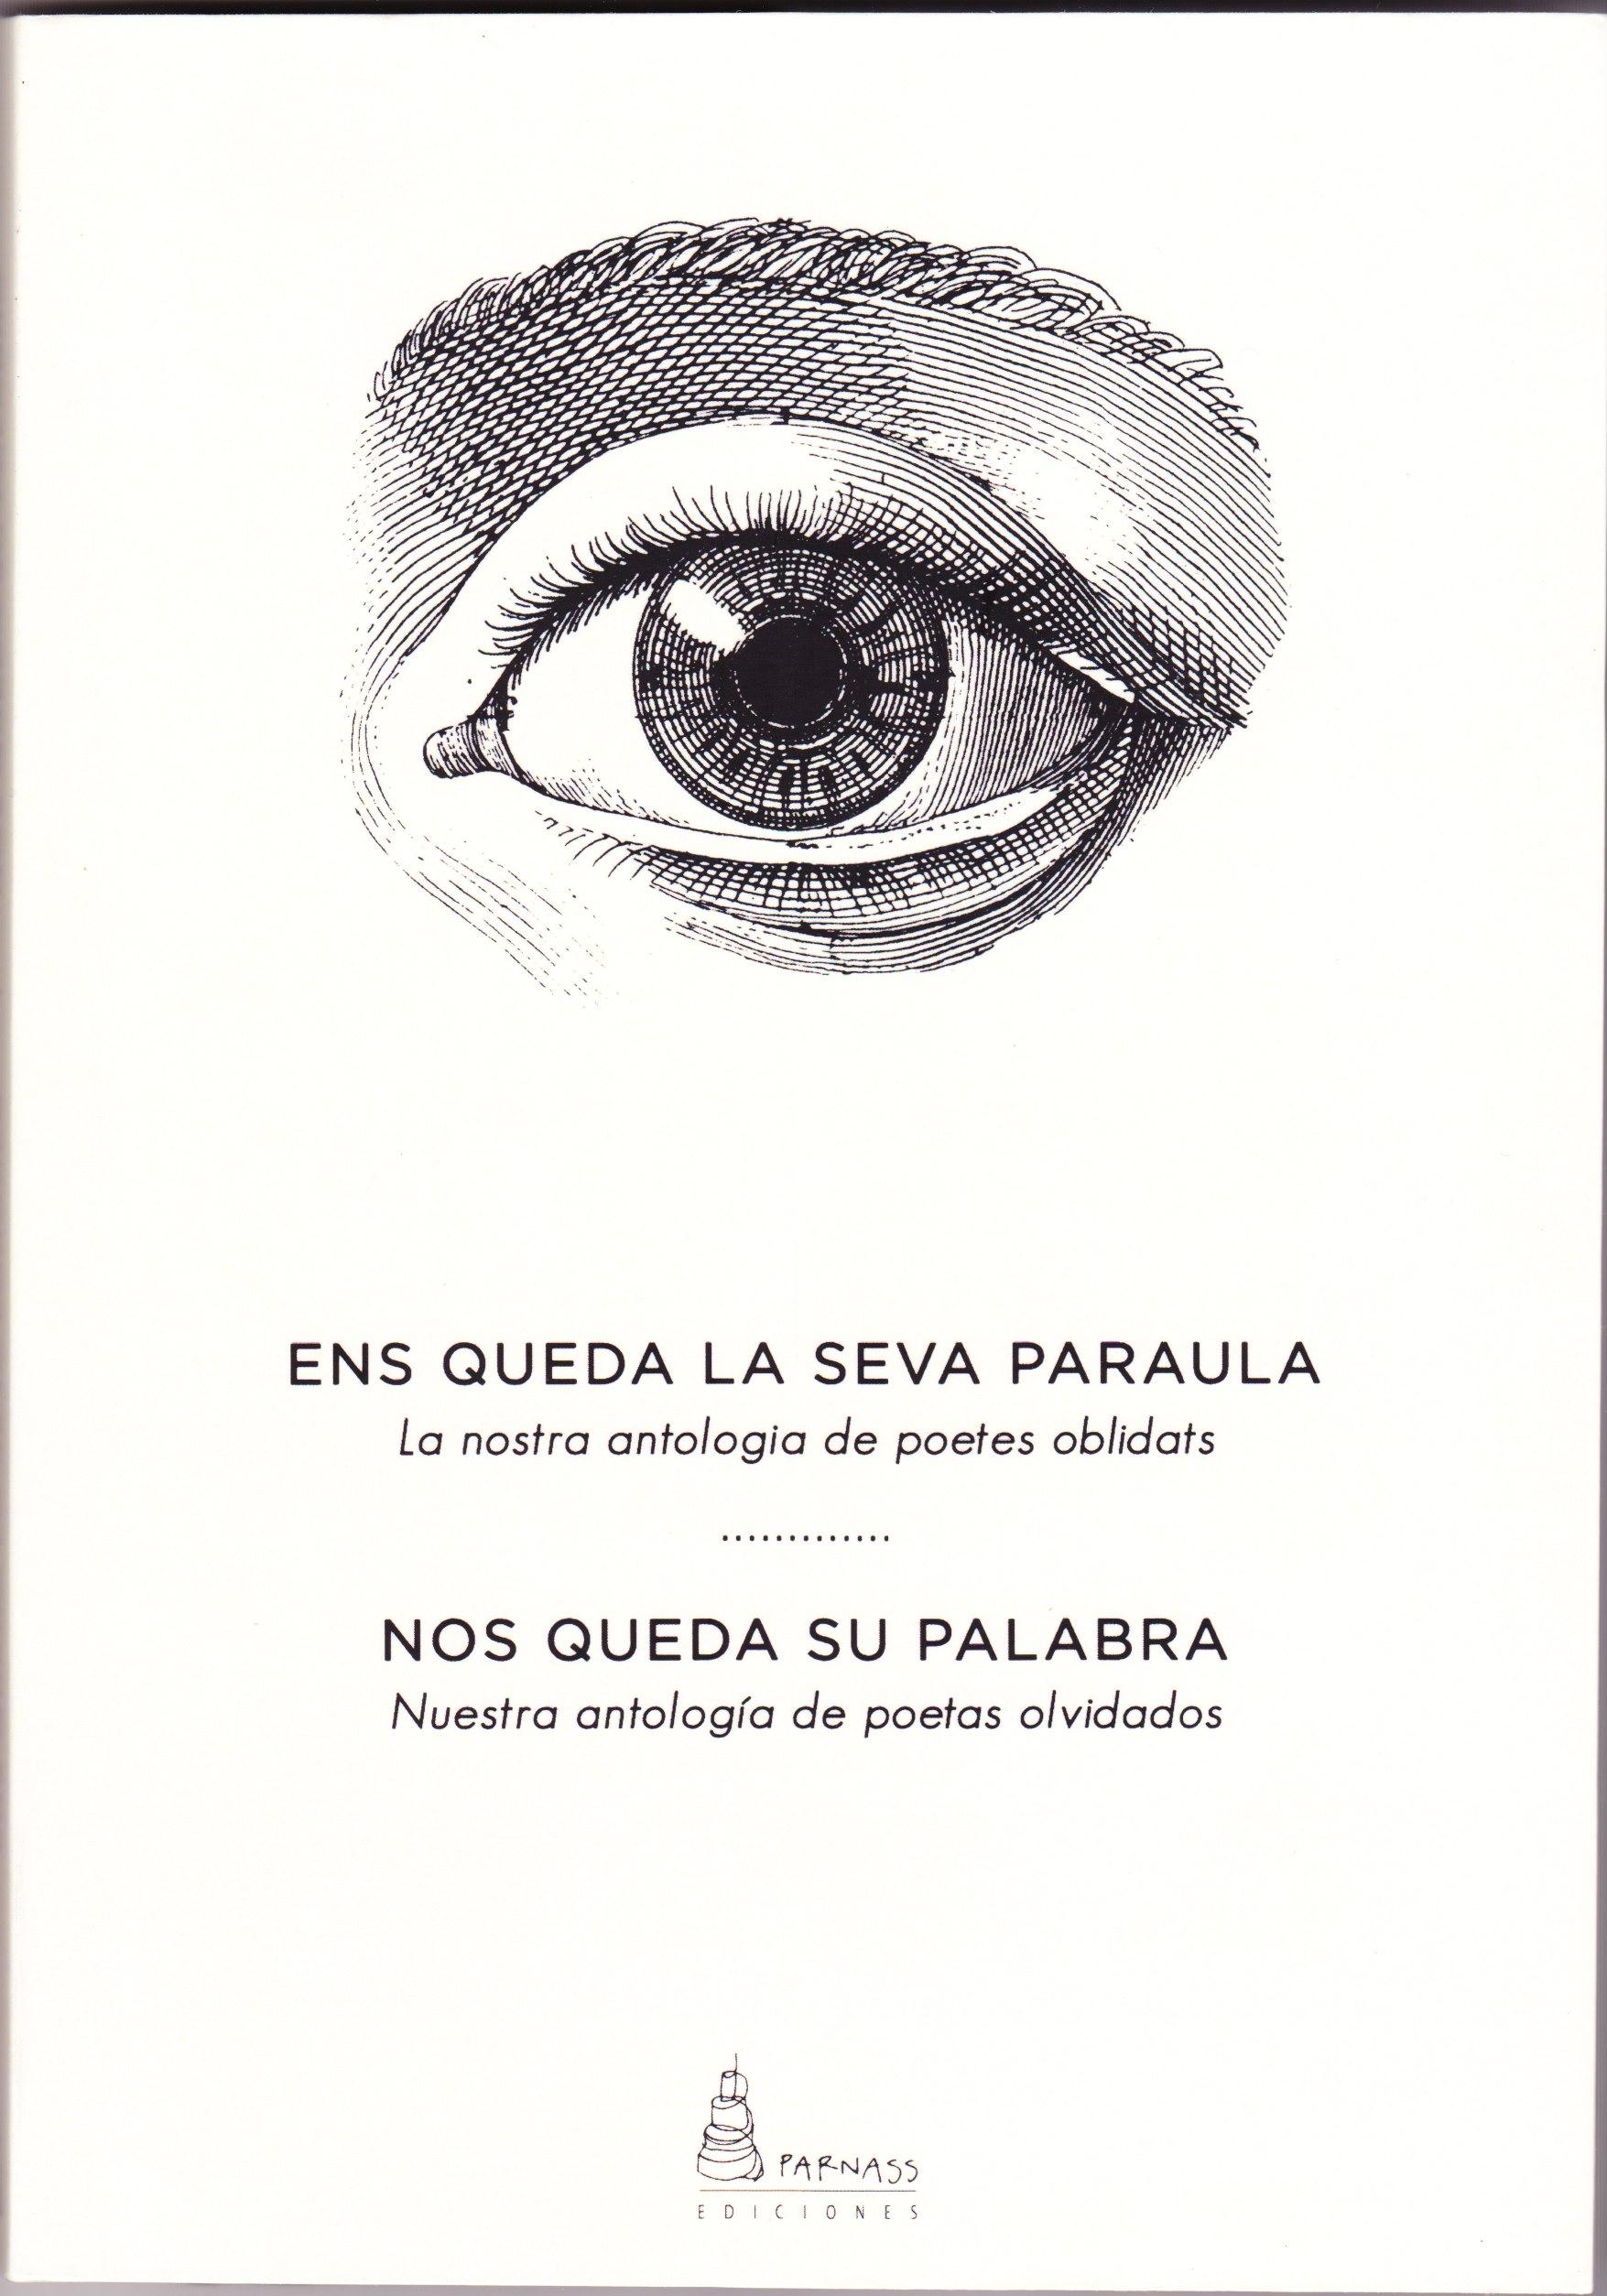 """Portada de l'antologia / Portada de la antología """"Ens queda la seva paraula / Nos queda su palabra"""""""